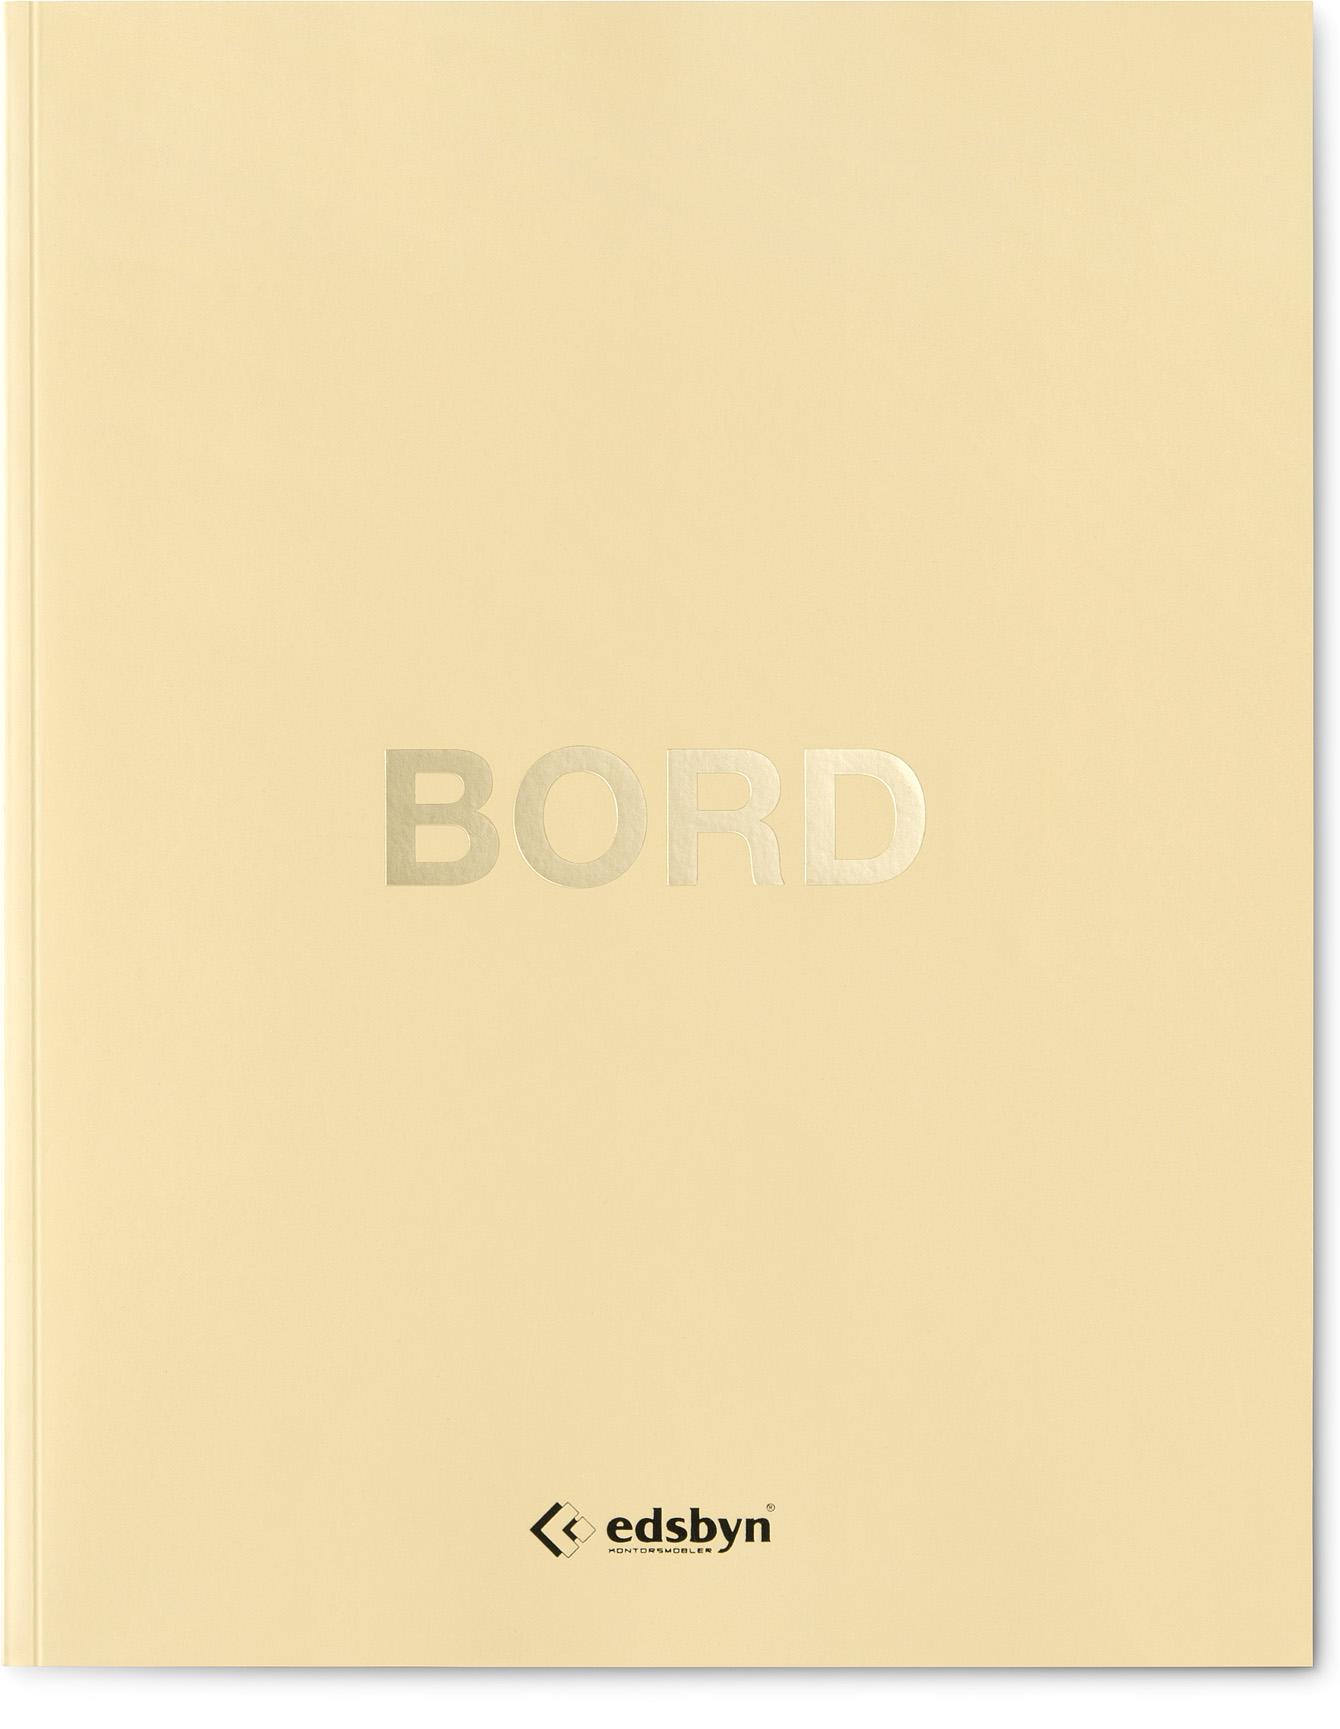 Artwork Edsbyn Bord - 1340px wide